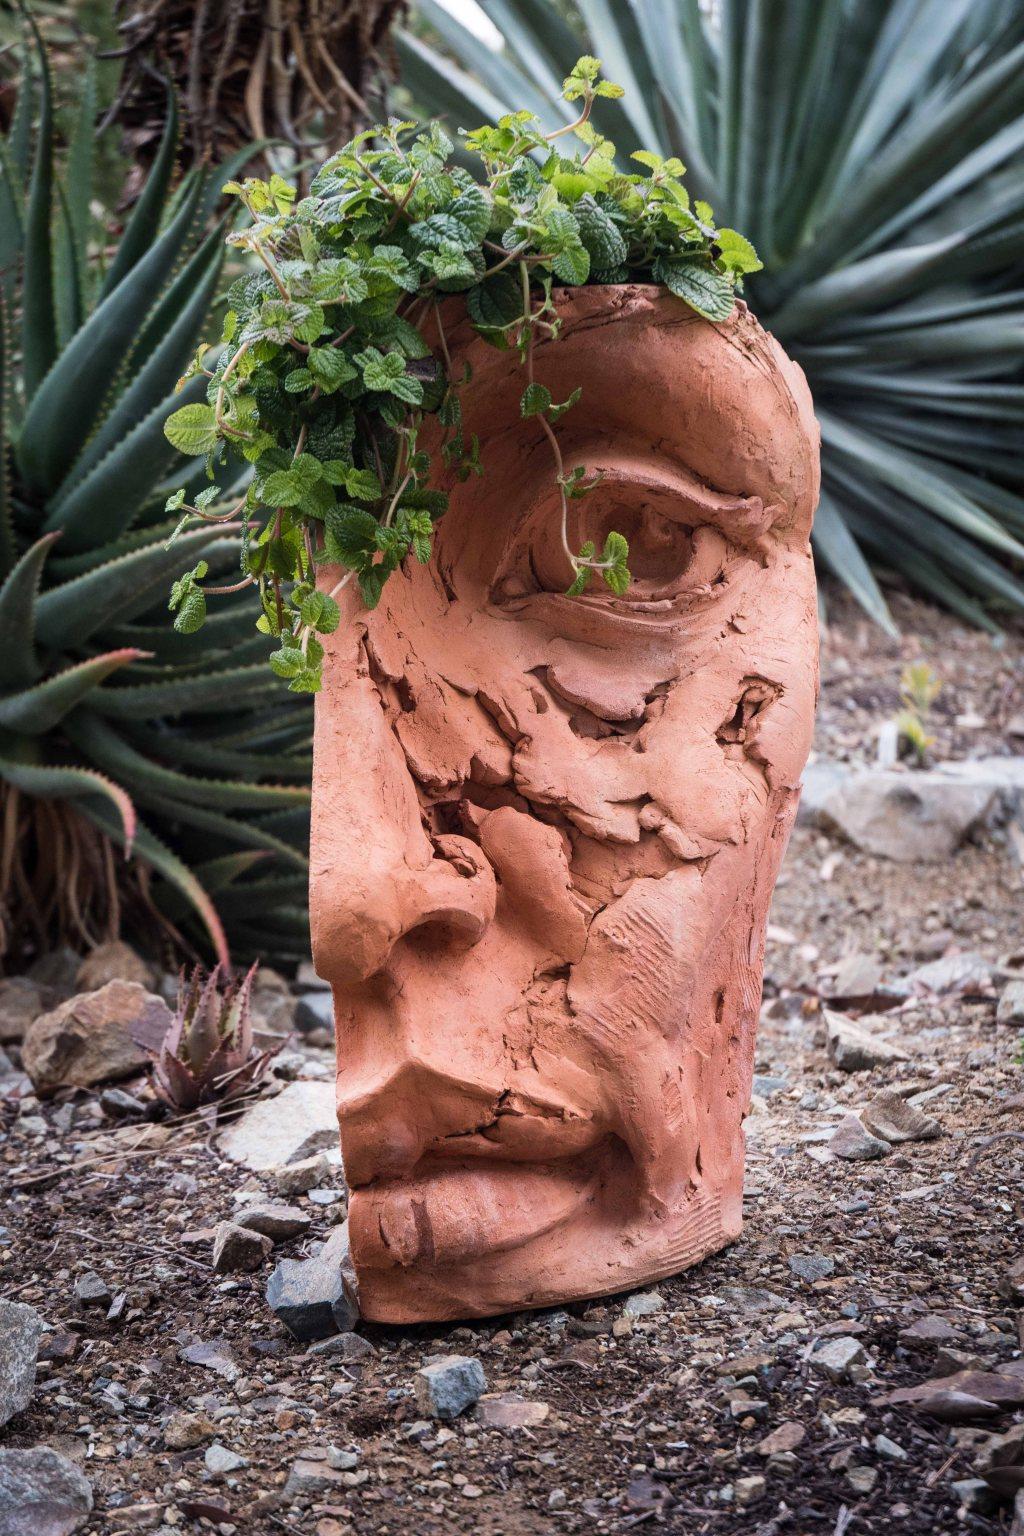 rbgsculpture-11